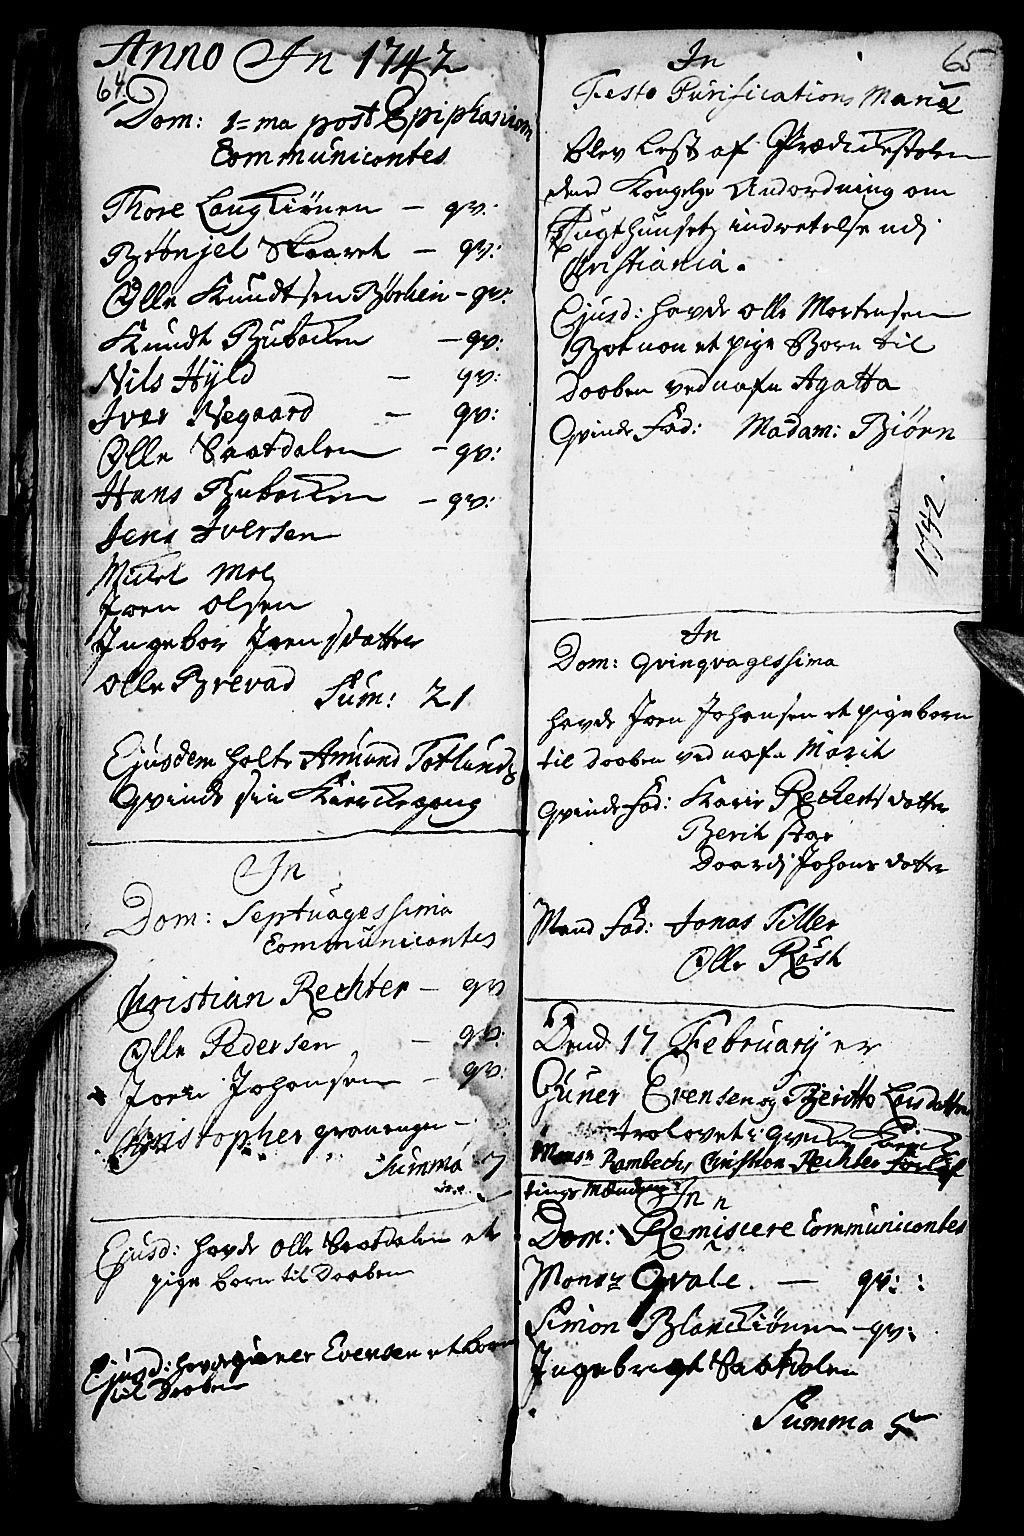 SAH, Kvikne prestekontor, Parish register (official) no. 1, 1740-1756, p. 64-65